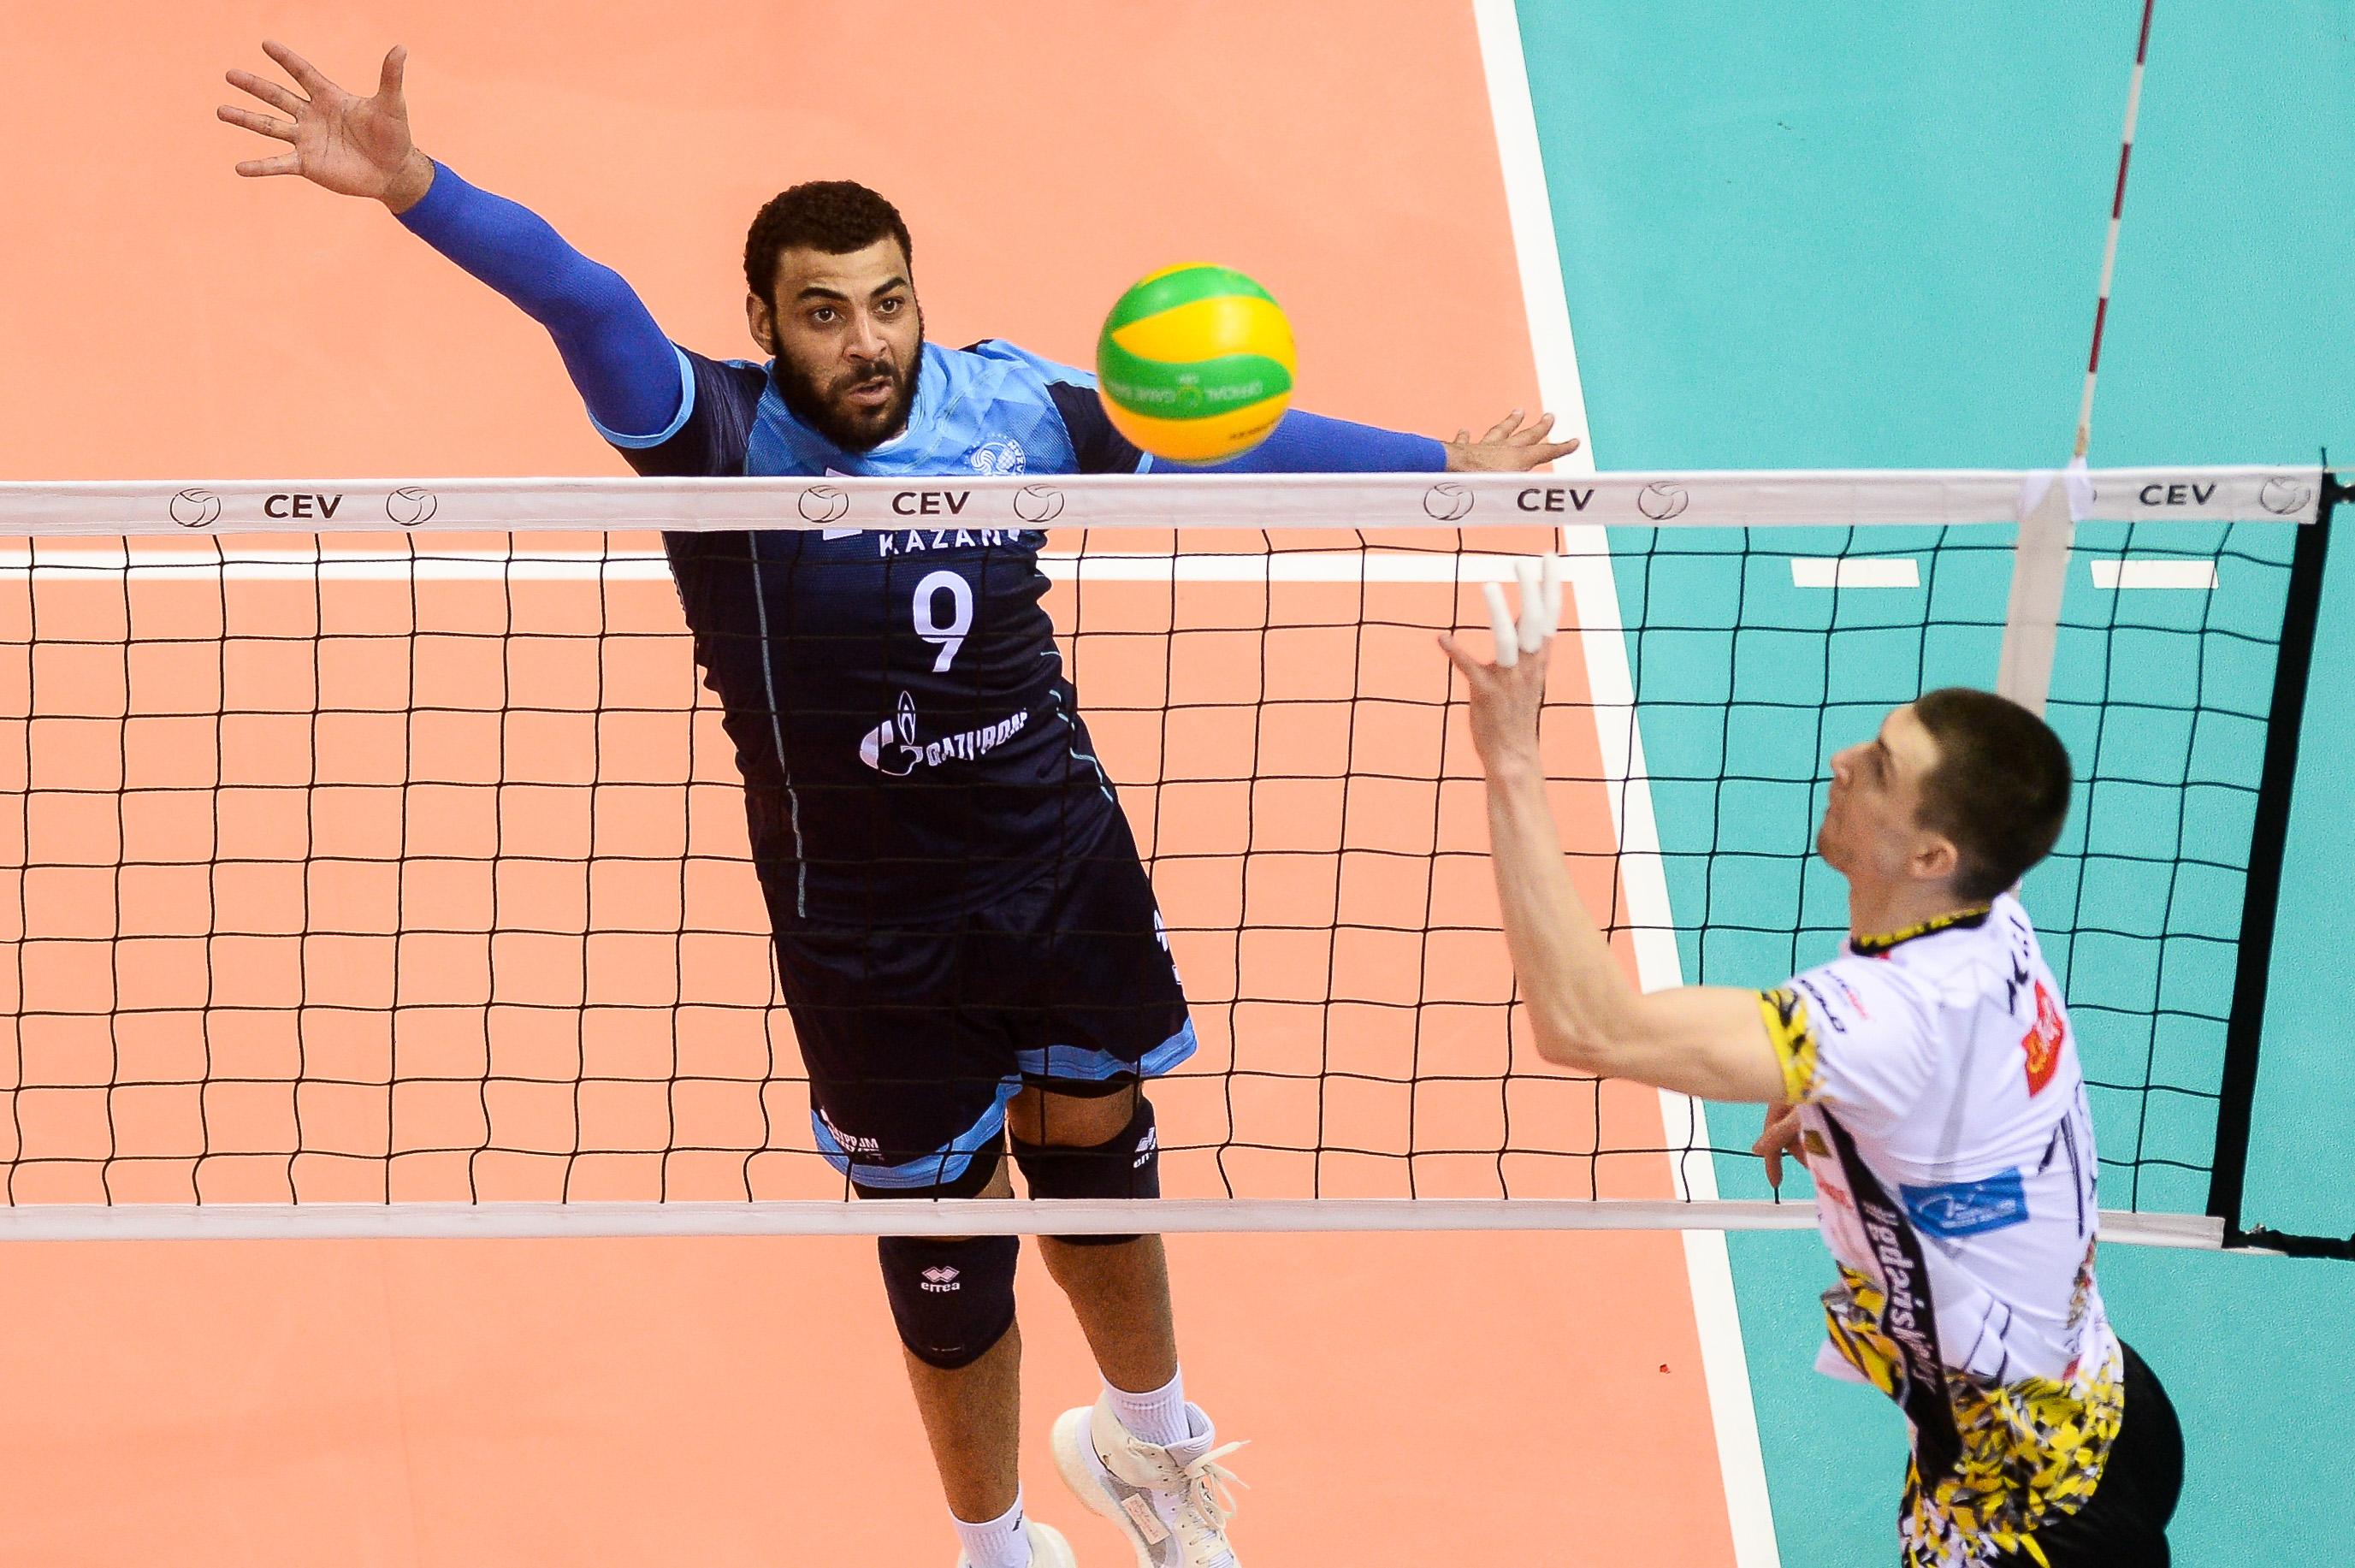 Volley - Ngapeth échoue en finale de la Ligue des champions avec Kazan